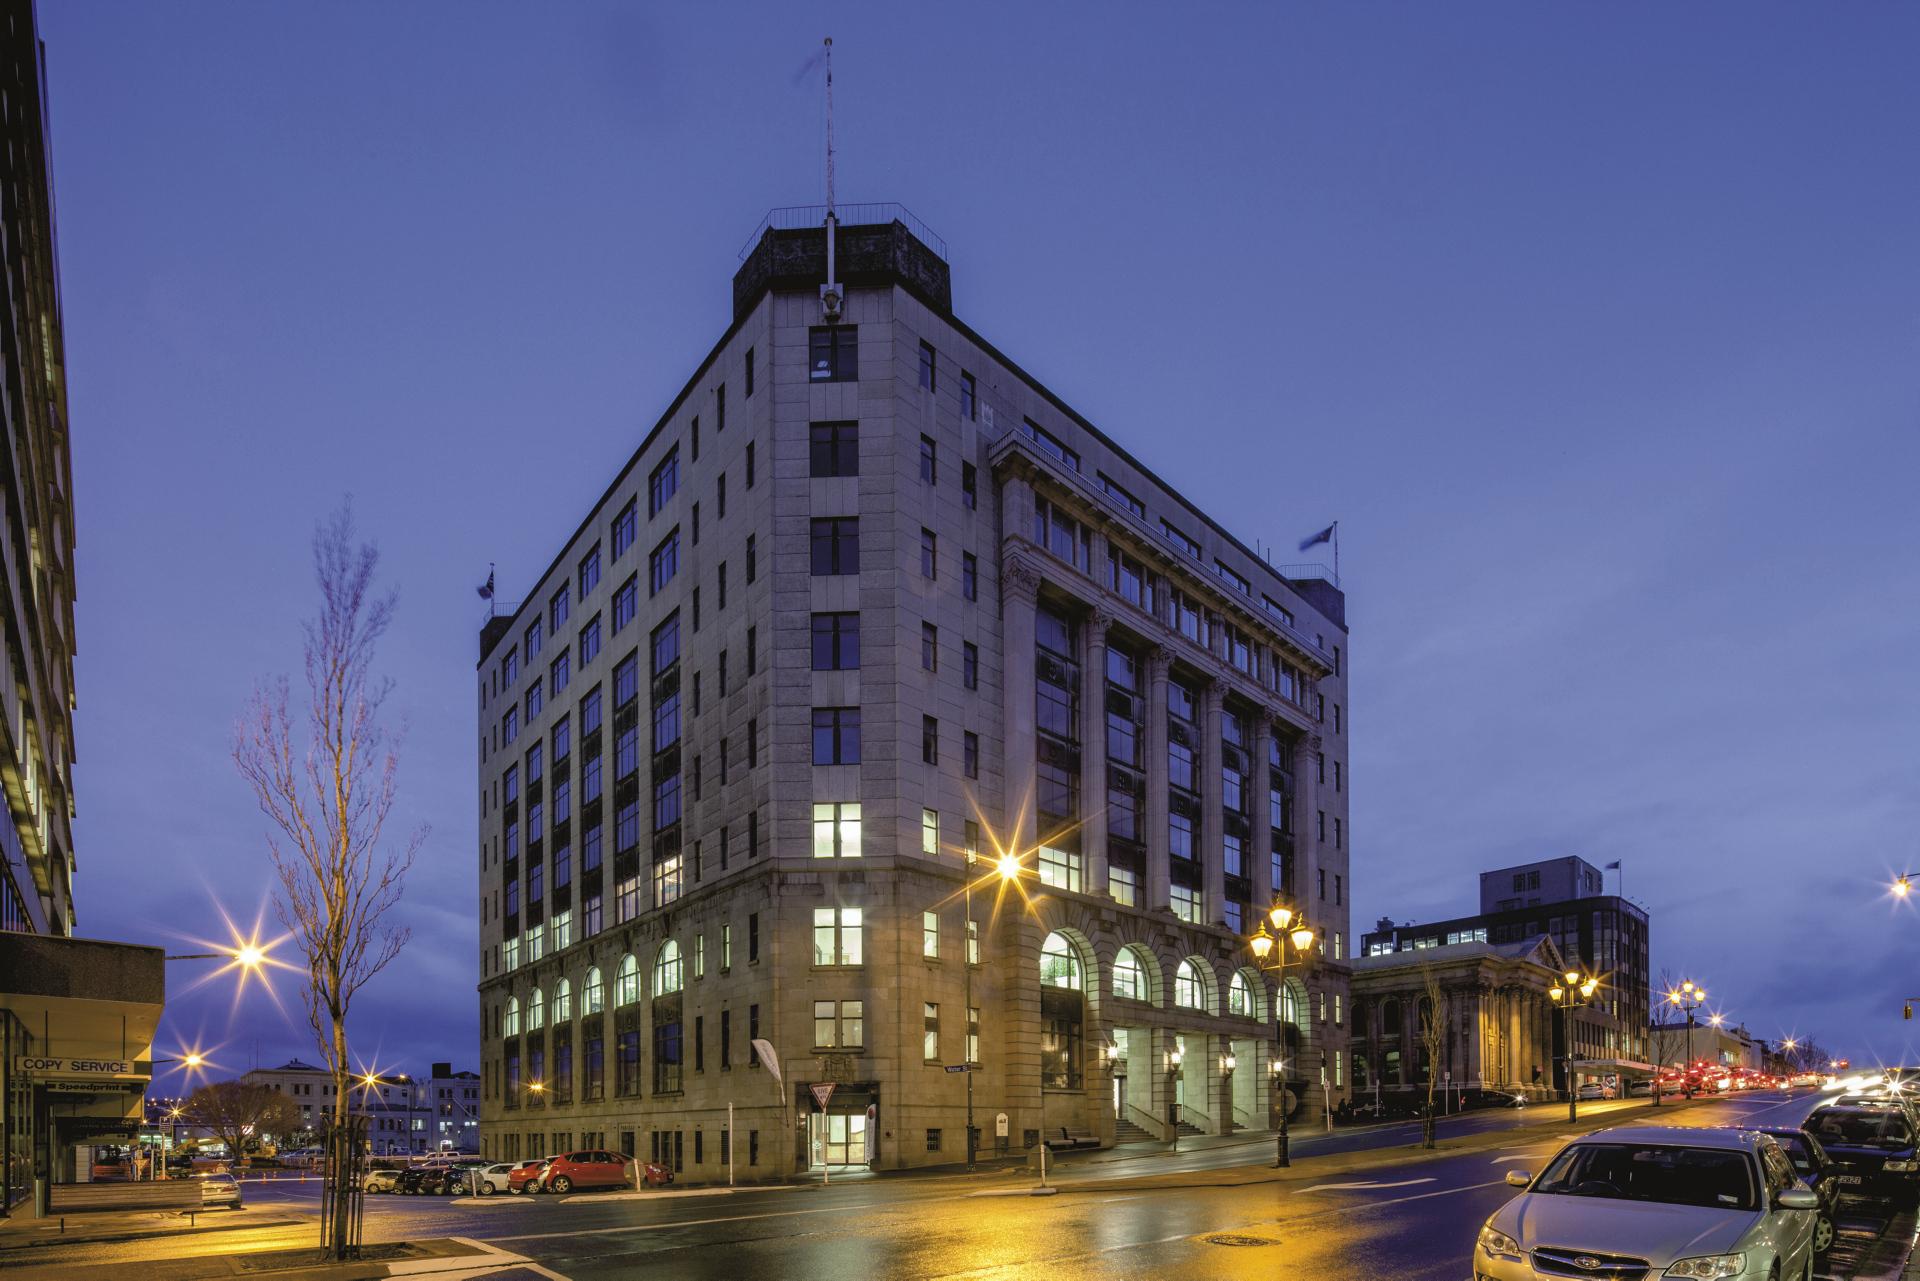 Hotel im alten Postgebäude